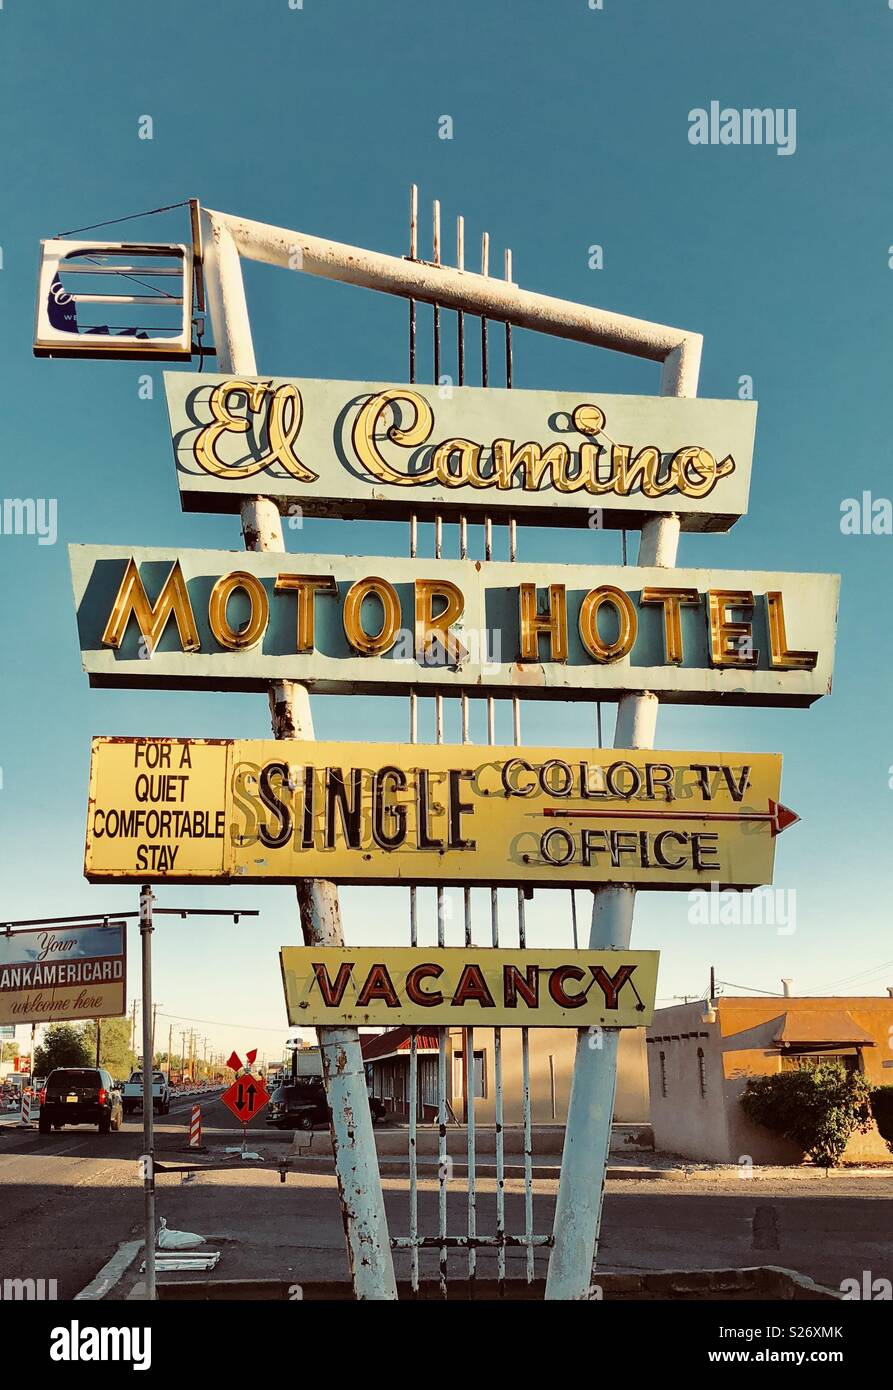 El Camino Motor Hotel, Los Ranchos, New Mexico Stockbild